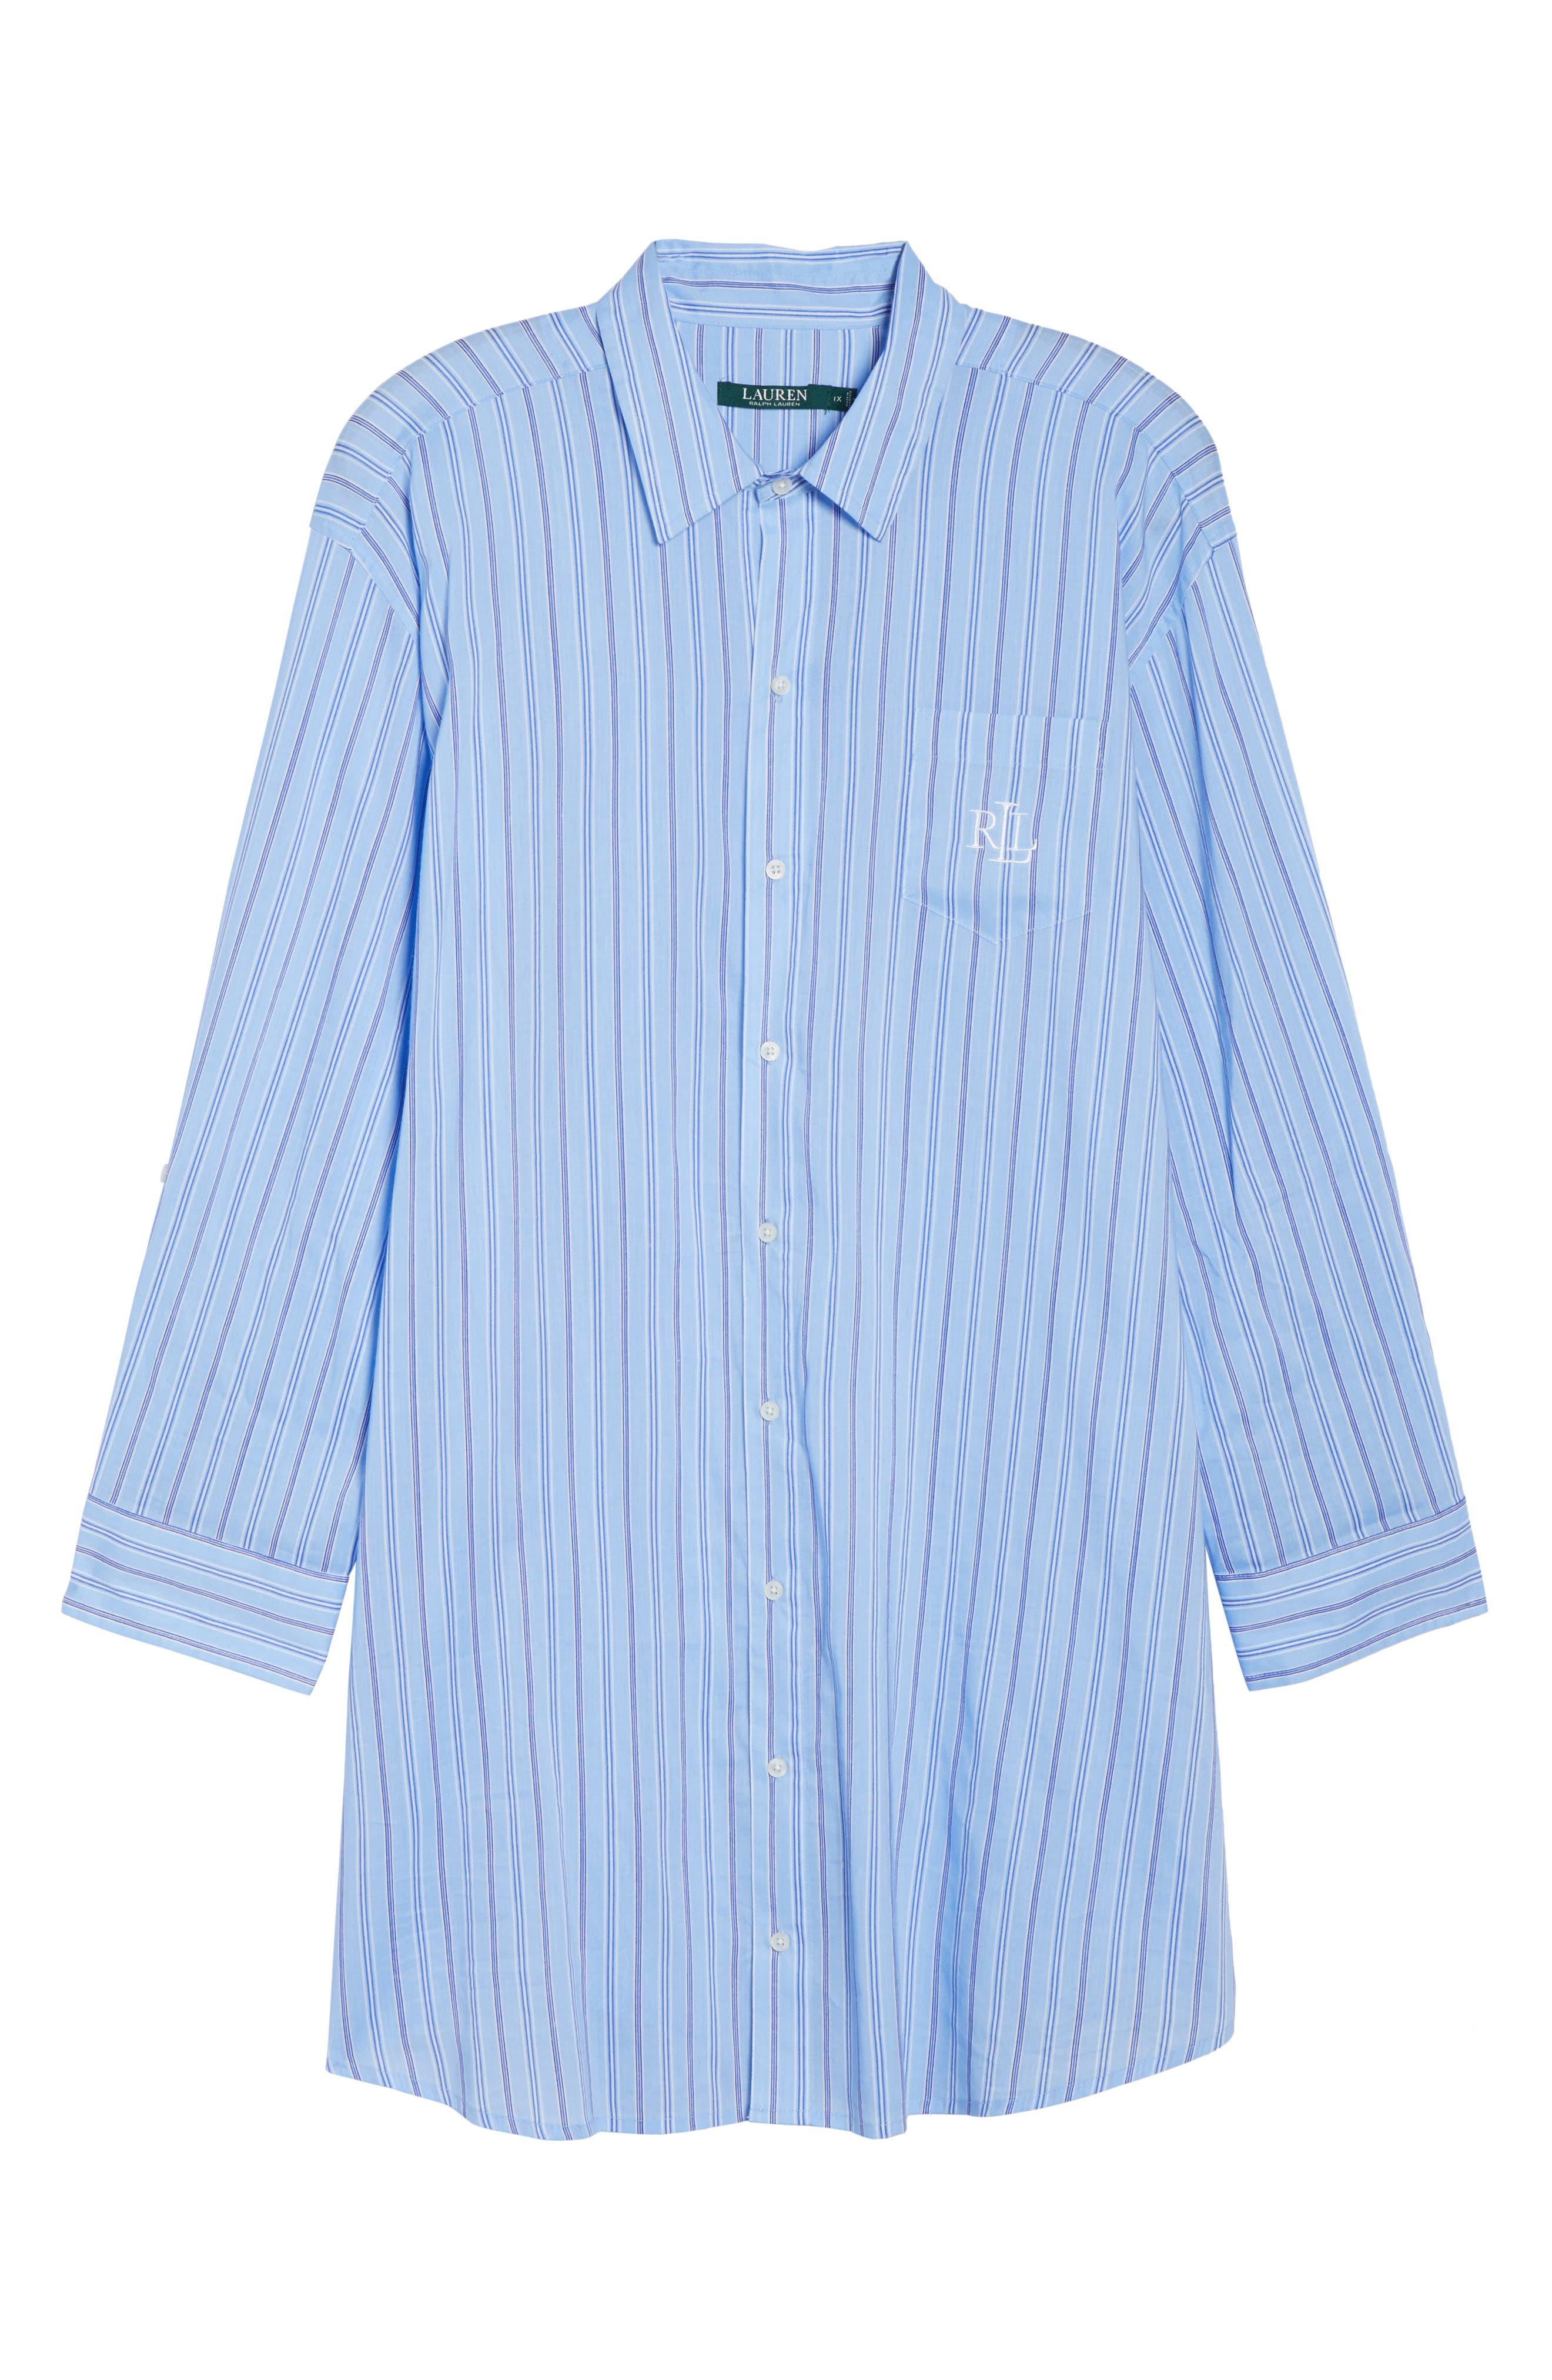 Night Shirt,                             Alternate thumbnail 4, color,                             Blue Stripe